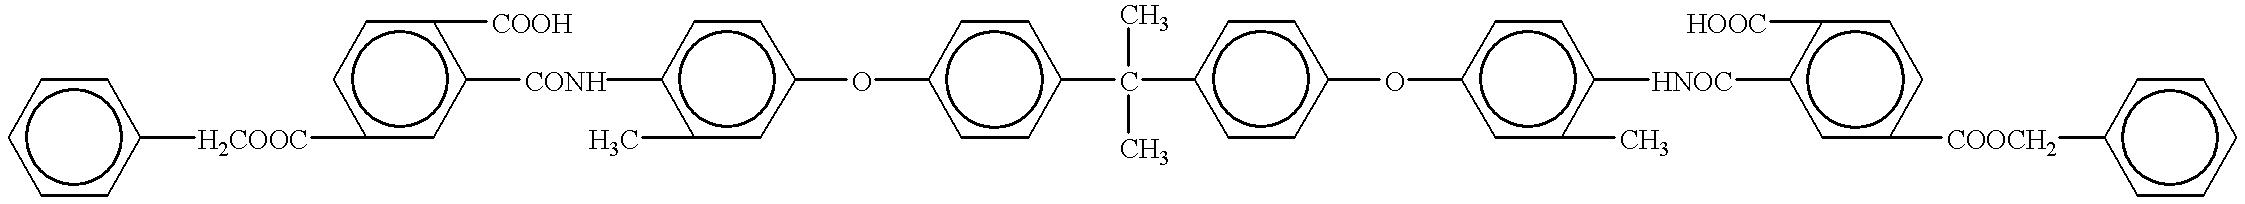 Figure US06180560-20010130-C00750